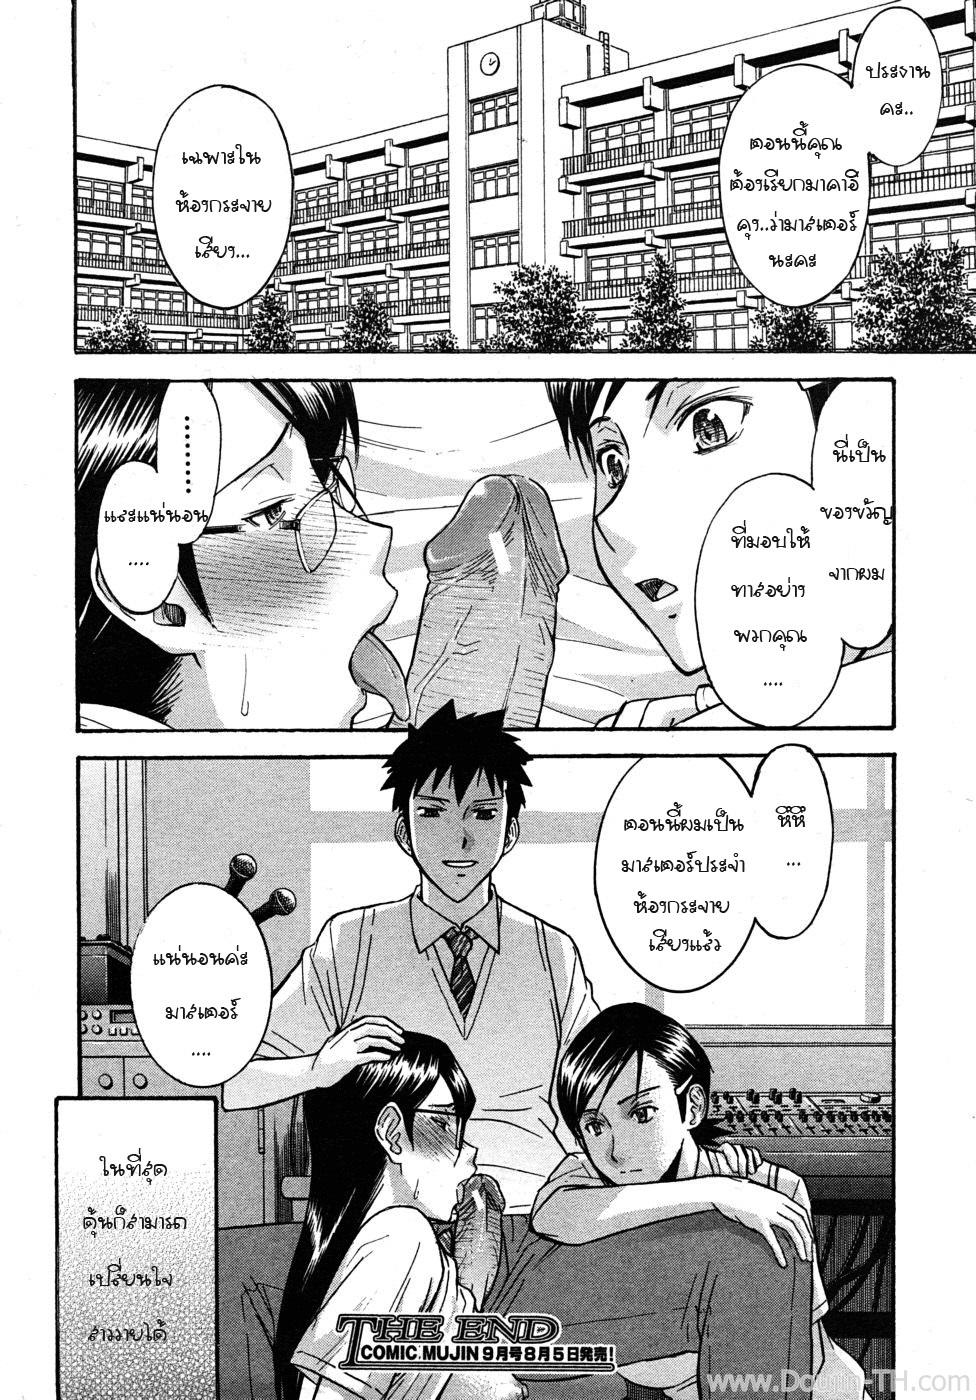 ห้องกระจายเสียง เซ็กส์ - หน้า 23